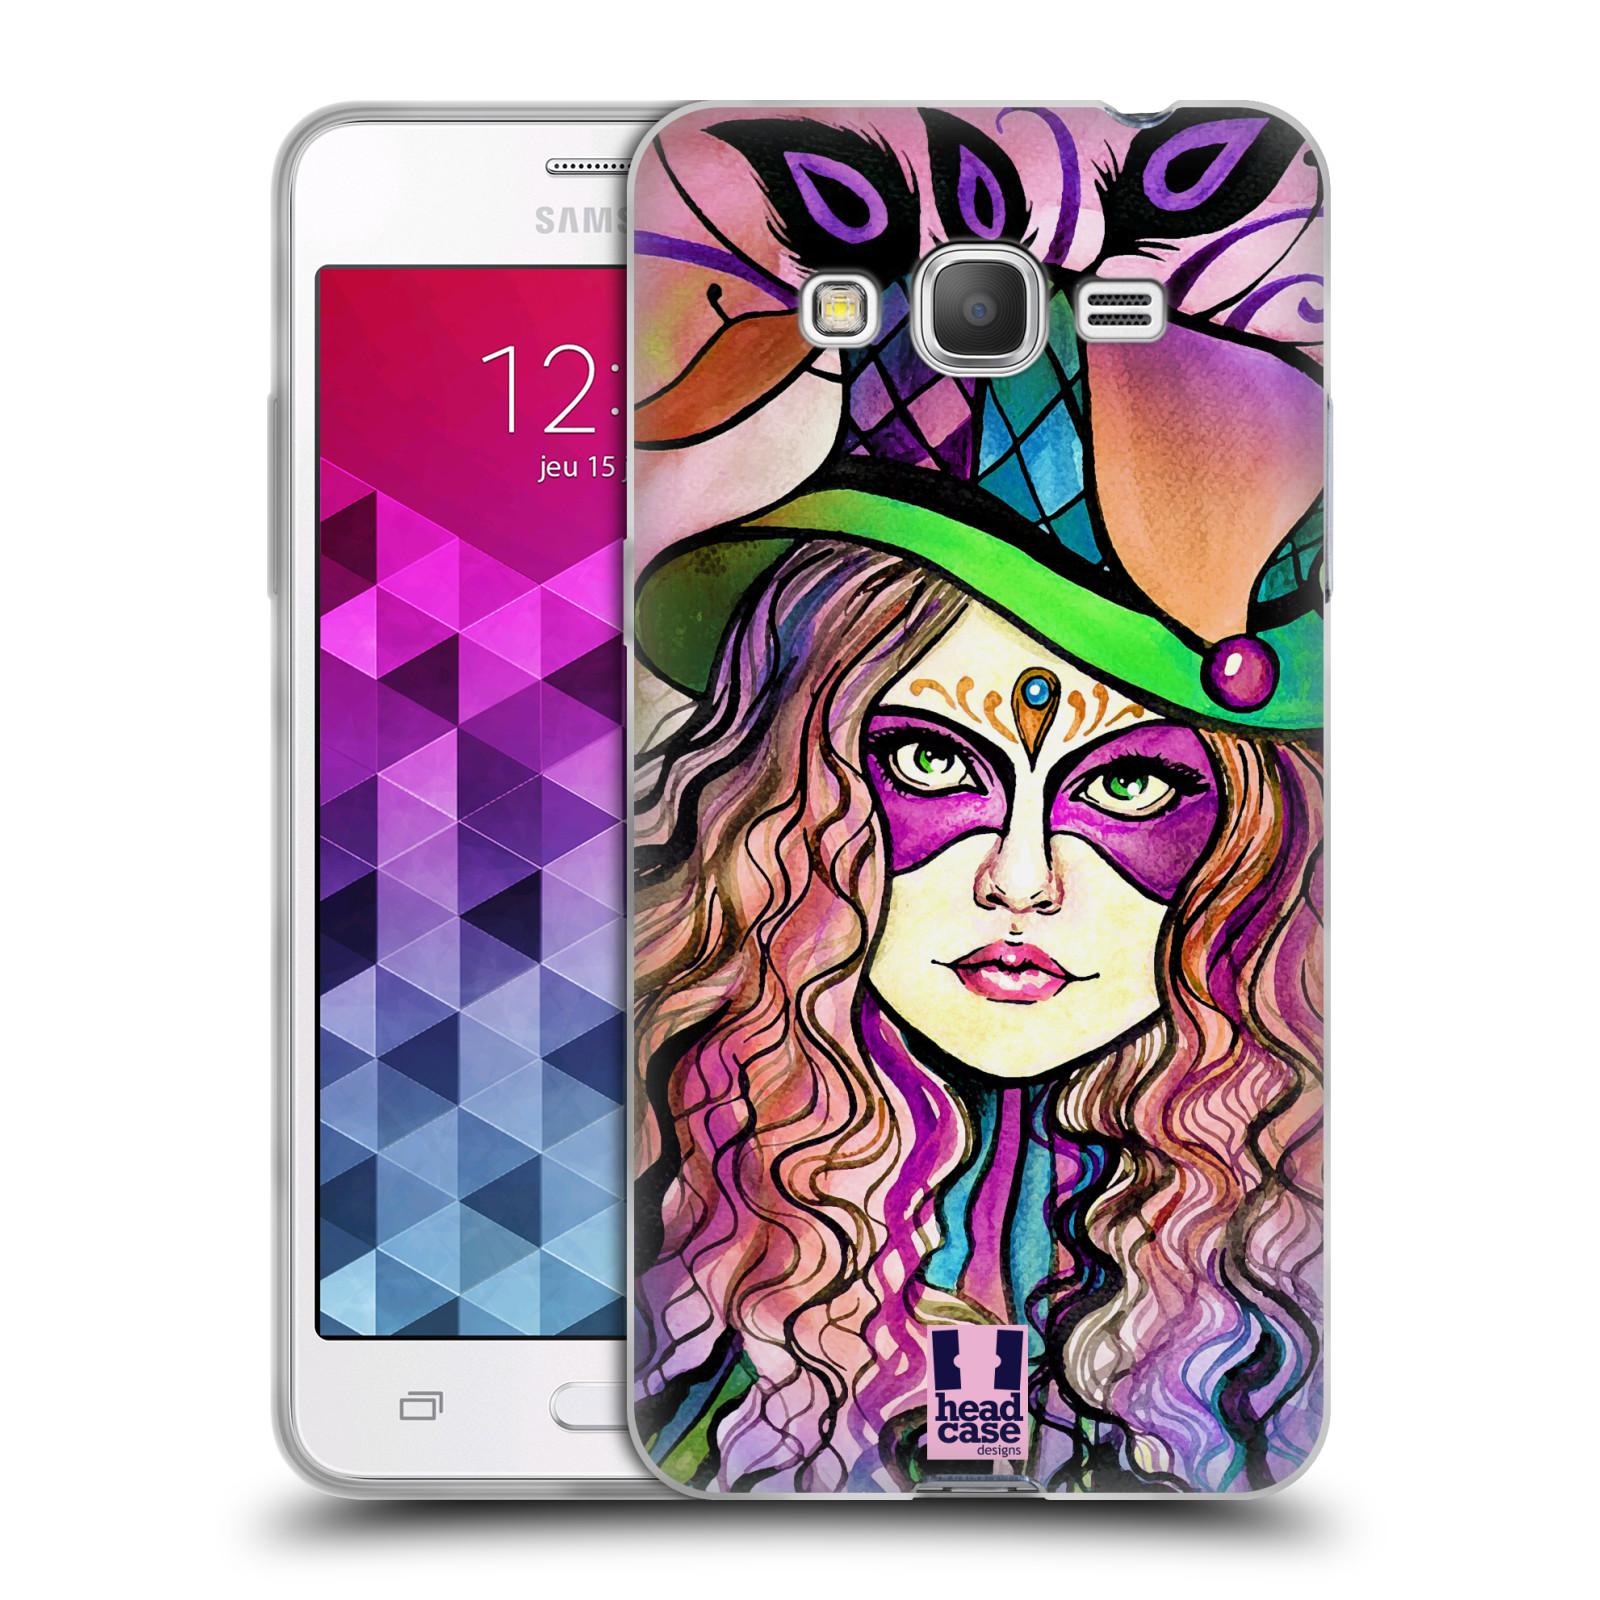 HEAD CASE silikonový obal na mobil Samsung Galaxy GRAND PRIME vzor Maškarní ples masky kreslené vzory KLOBOUK